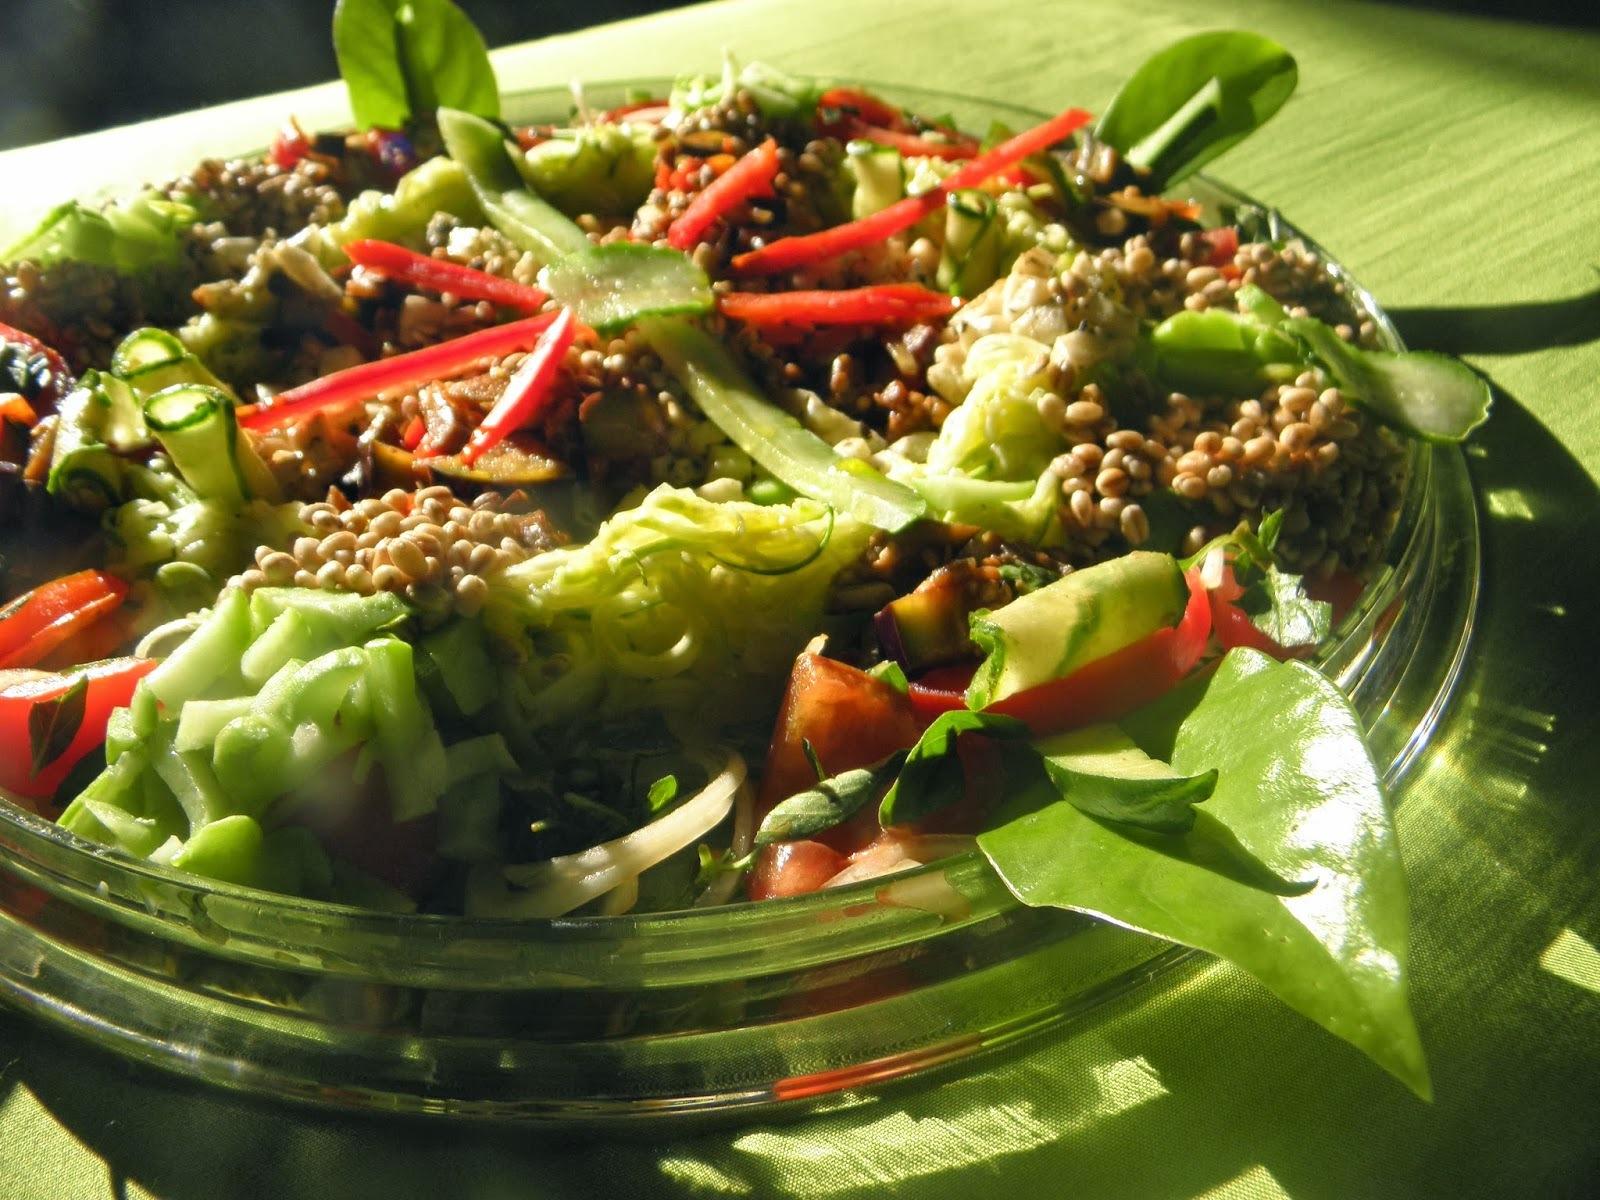 Mandala de legumes marinados